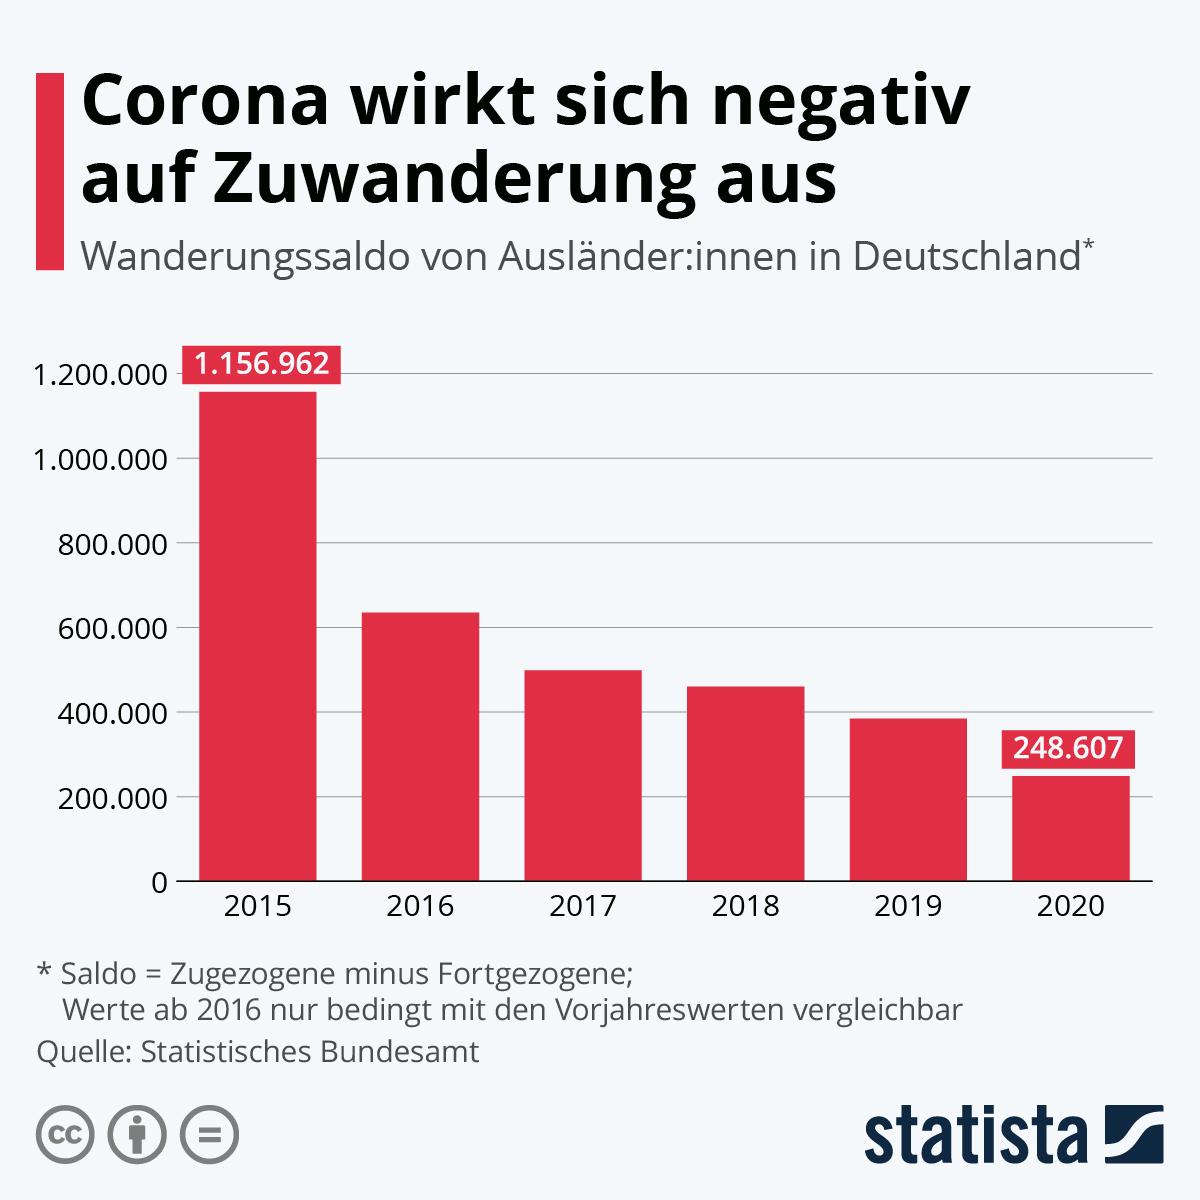 Corona wirkt sich negativ auf Zuwanderung aus | Statista